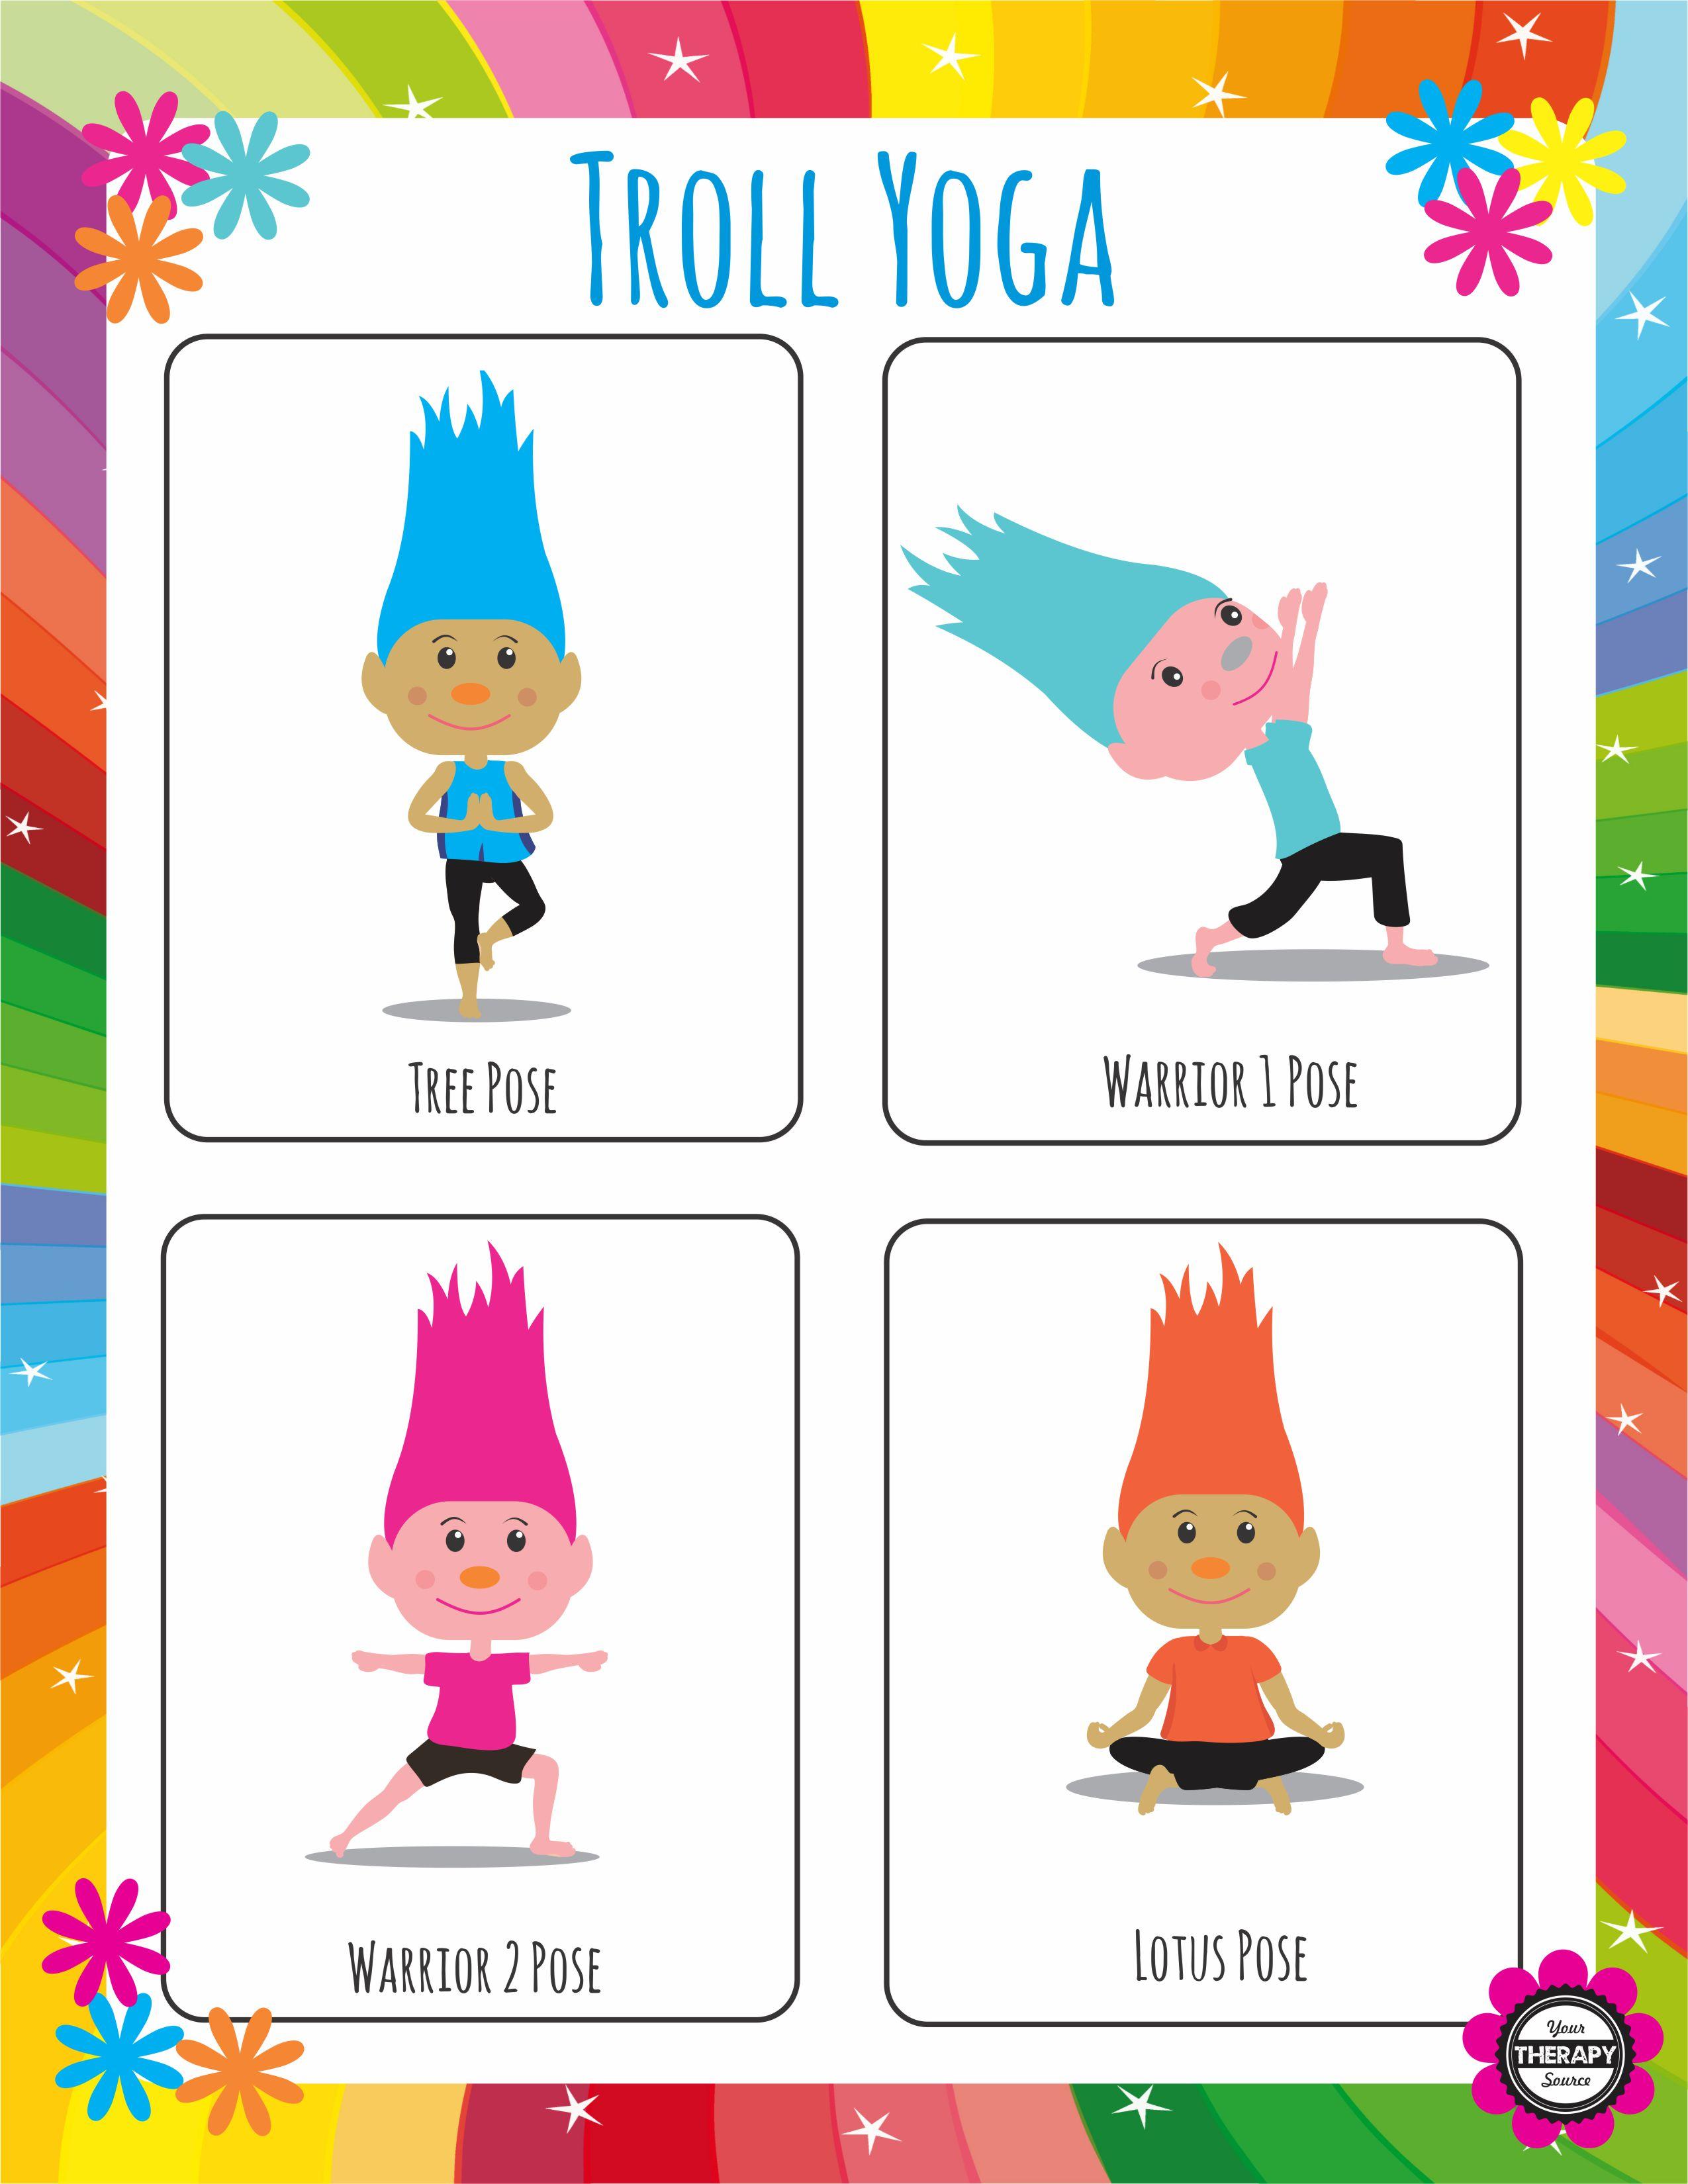 Troll Yoga Poses